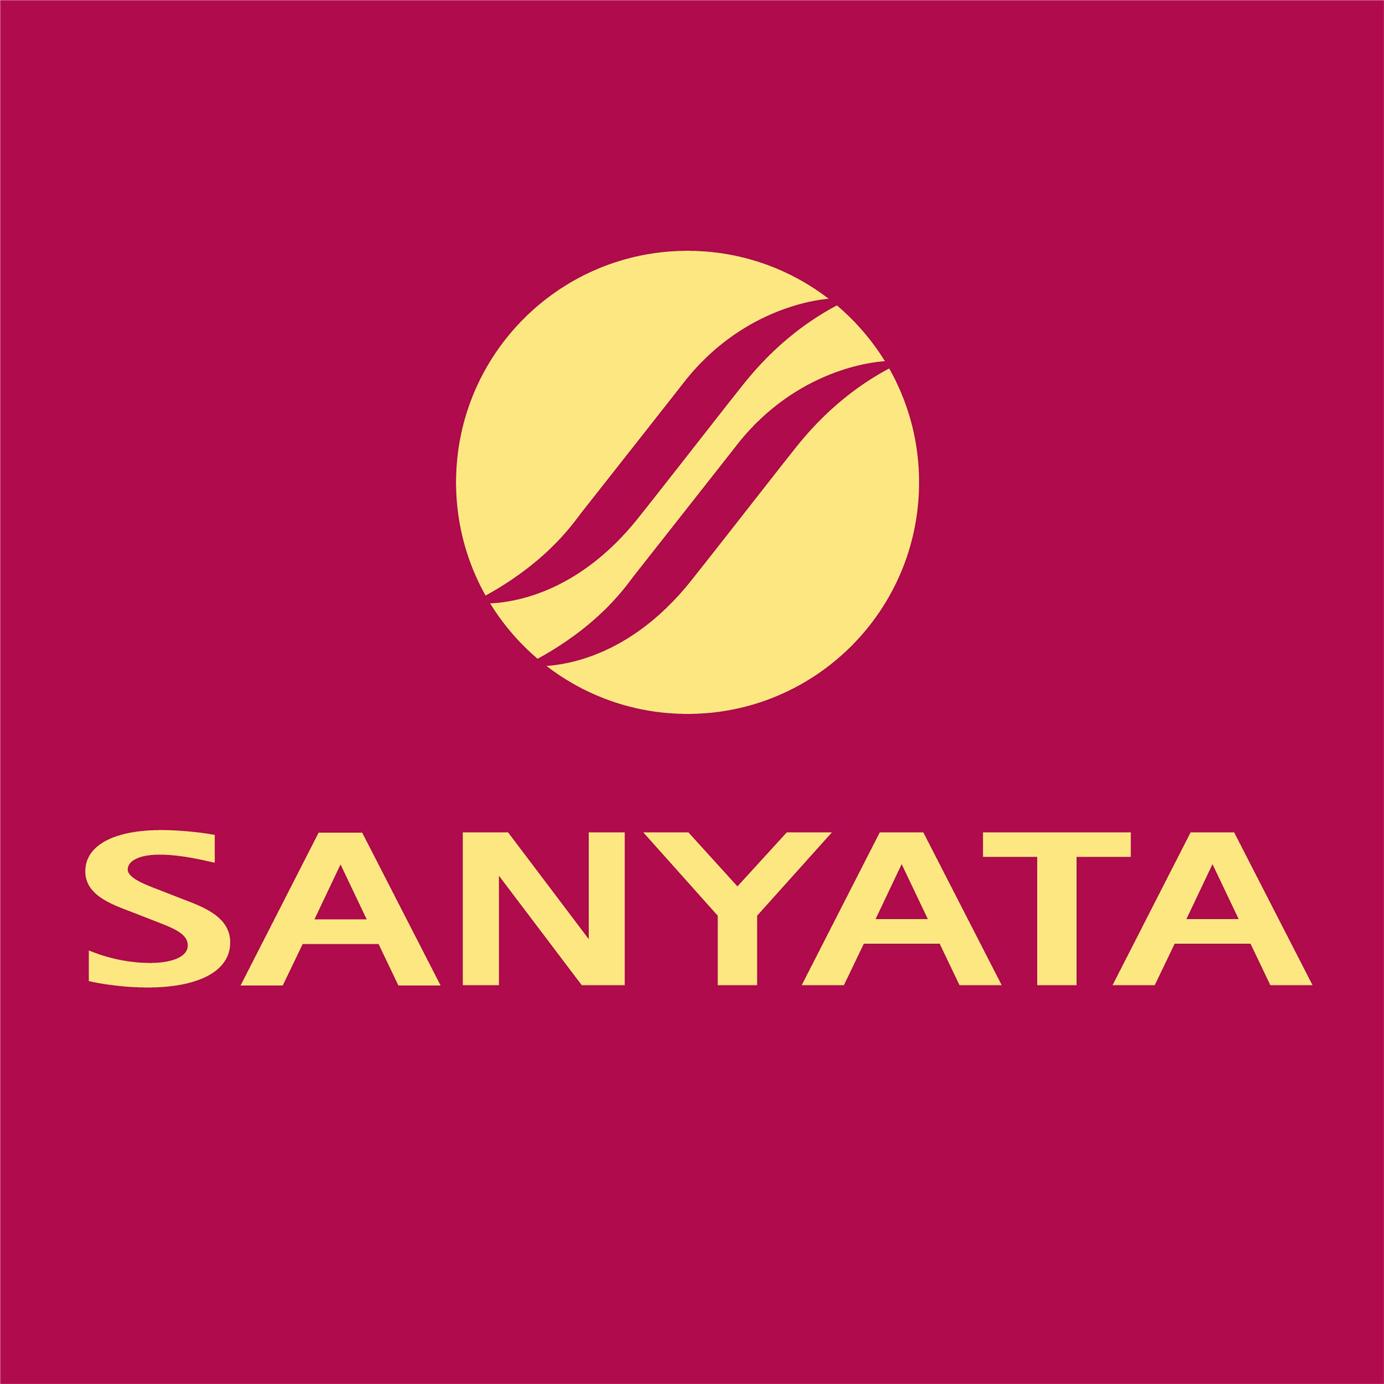 Sanyata